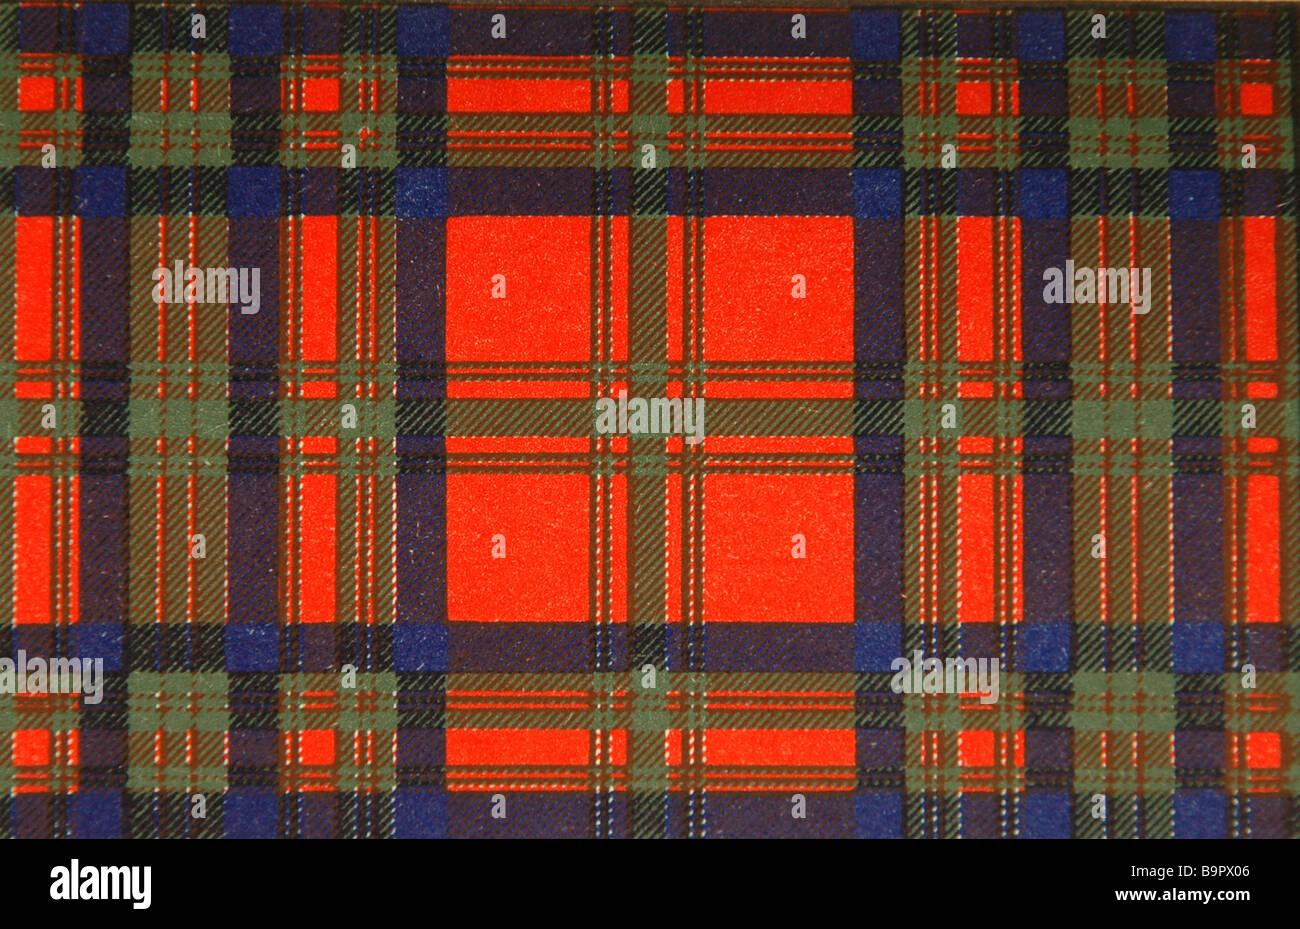 Detalle de un rojo tartán escocés del clan Matheison. Imagen De Stock